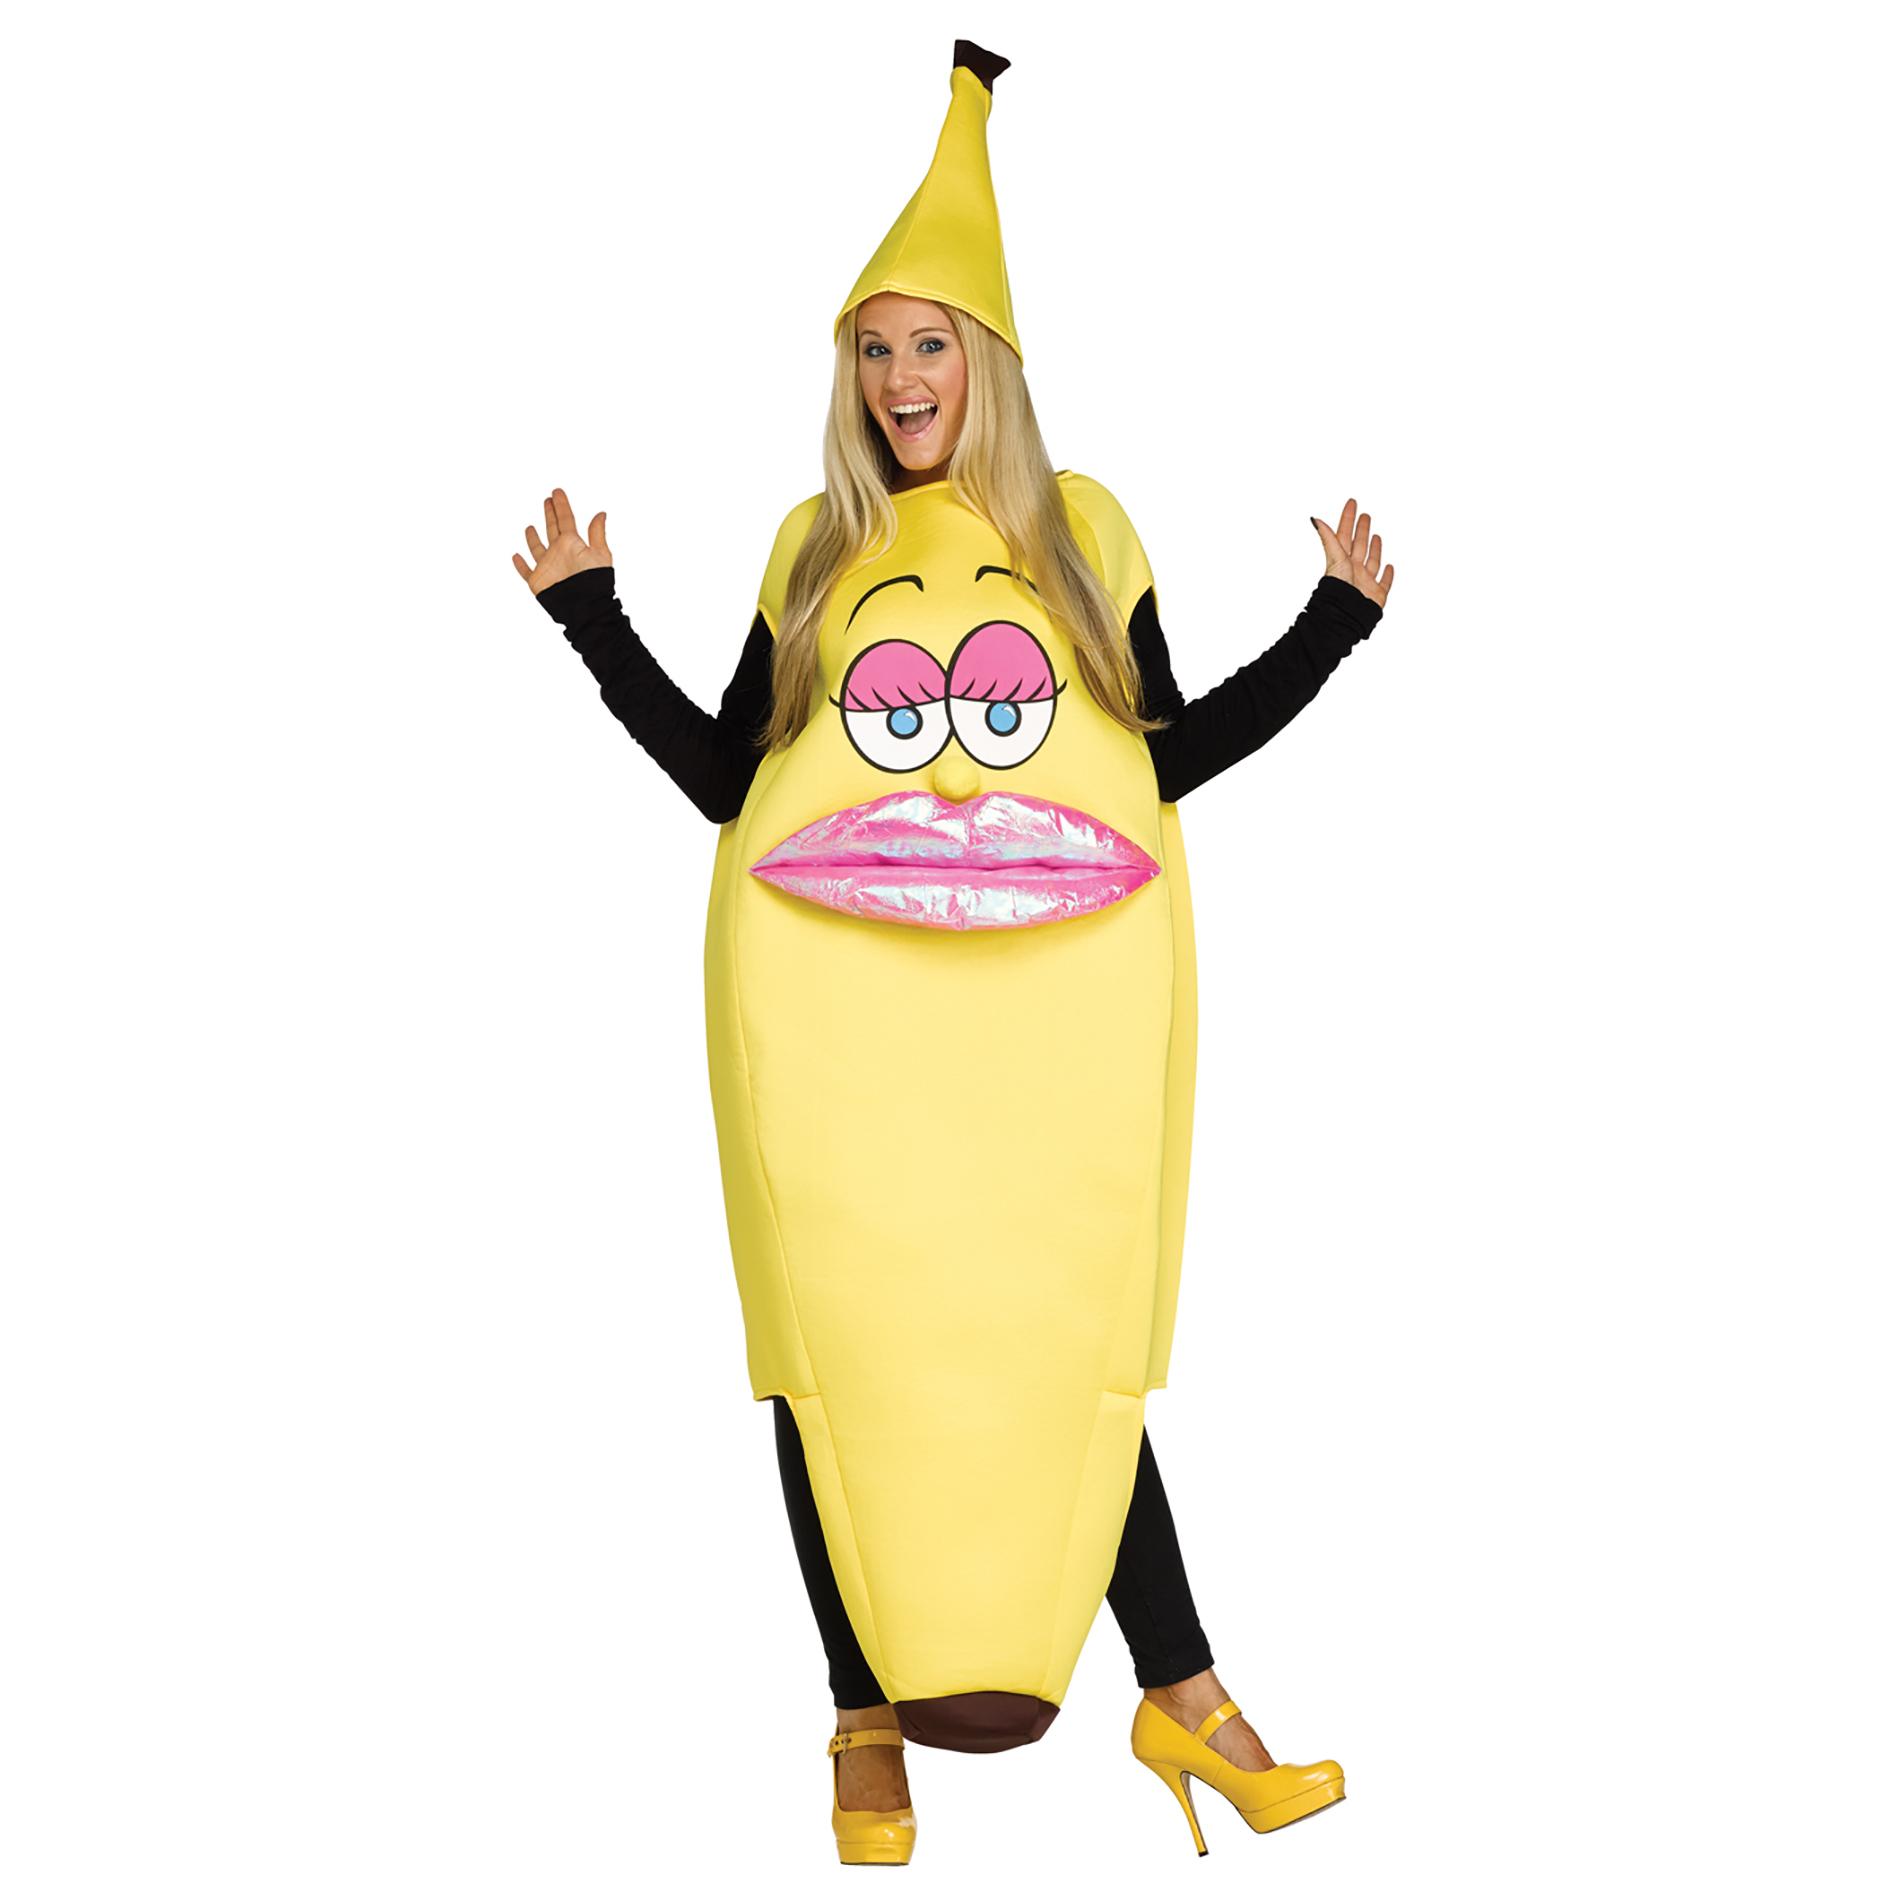 kmart halloween costumes